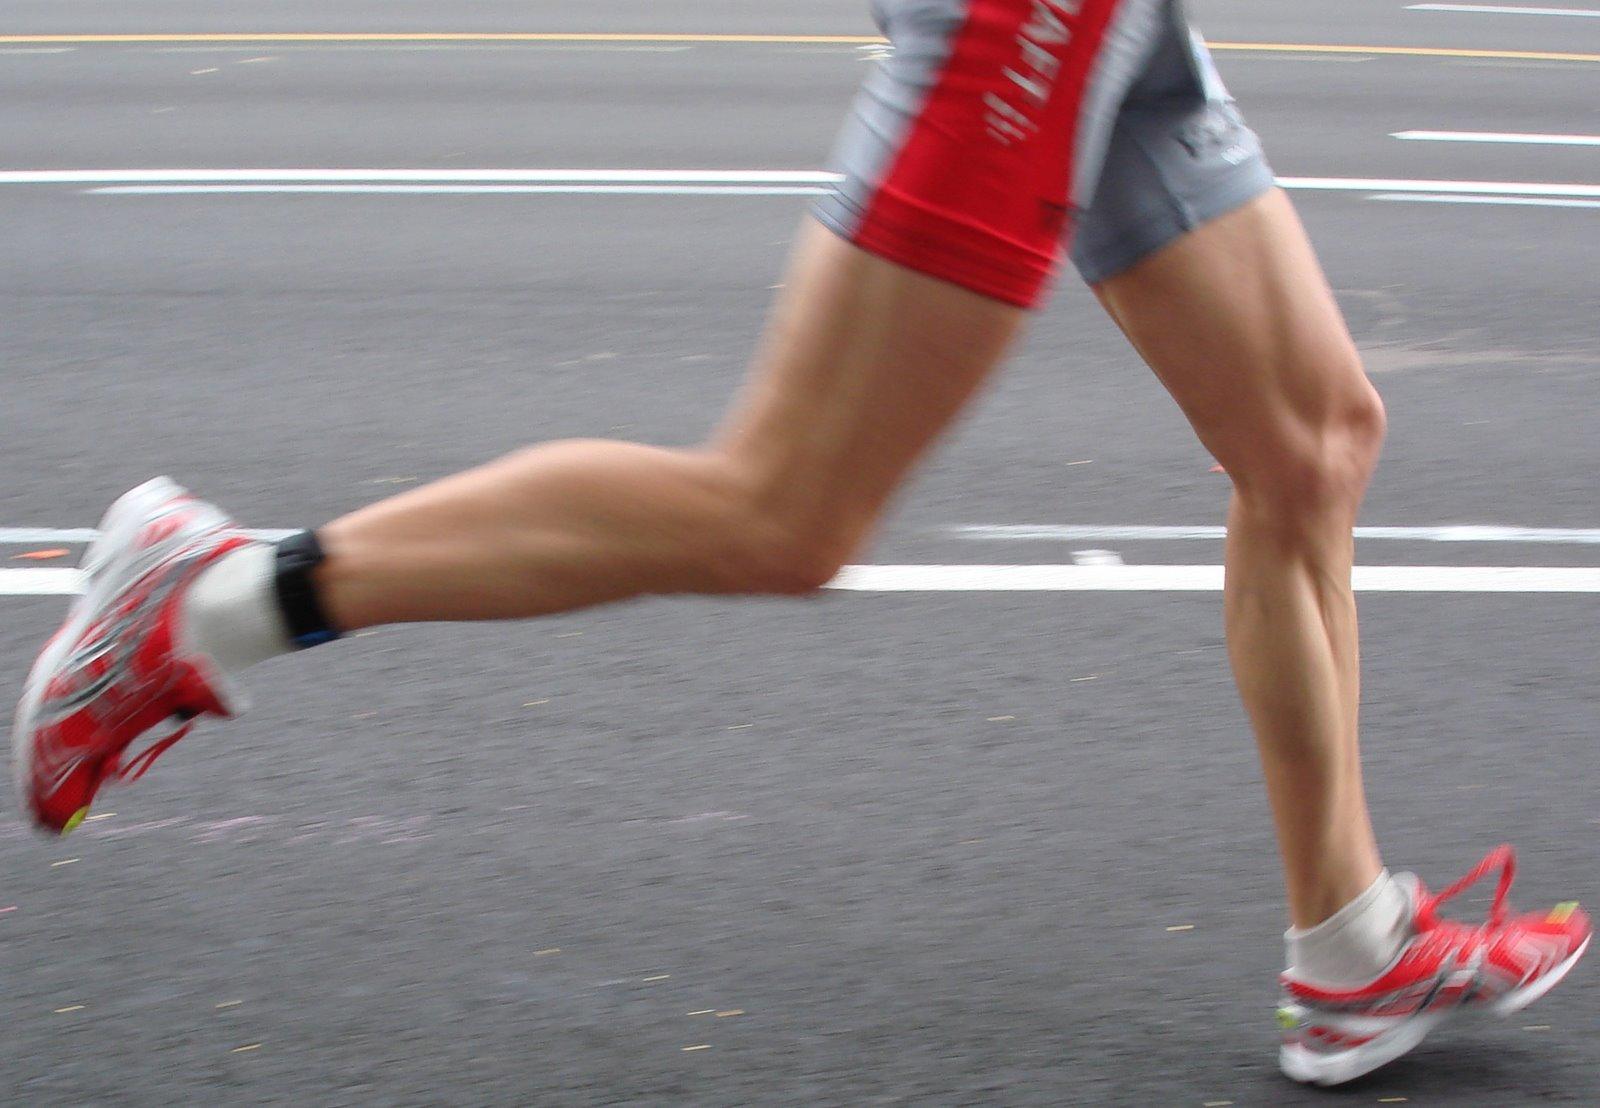 Destaque para o momento em que o pé toca o solo na aterrissagem da corrida.